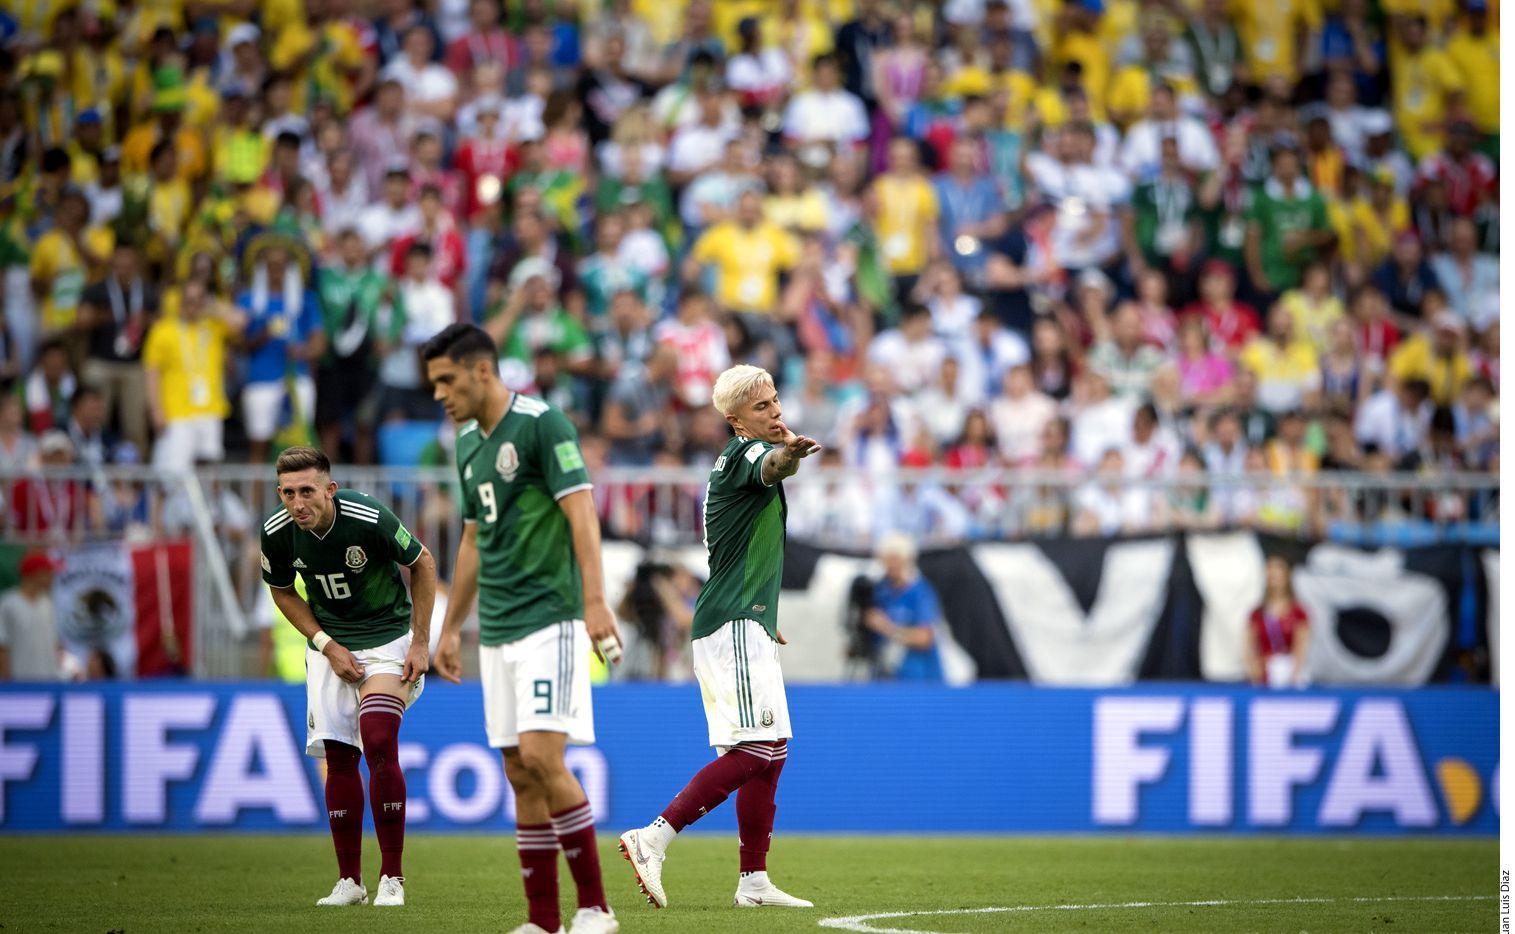 Sobre el duelo ante los brasileños, el defensa Carlos Salcedo (der.) lamentó la falta de contundencia de México combinada con la efectividad de la ofensiva amazónica que comandó Neymar.